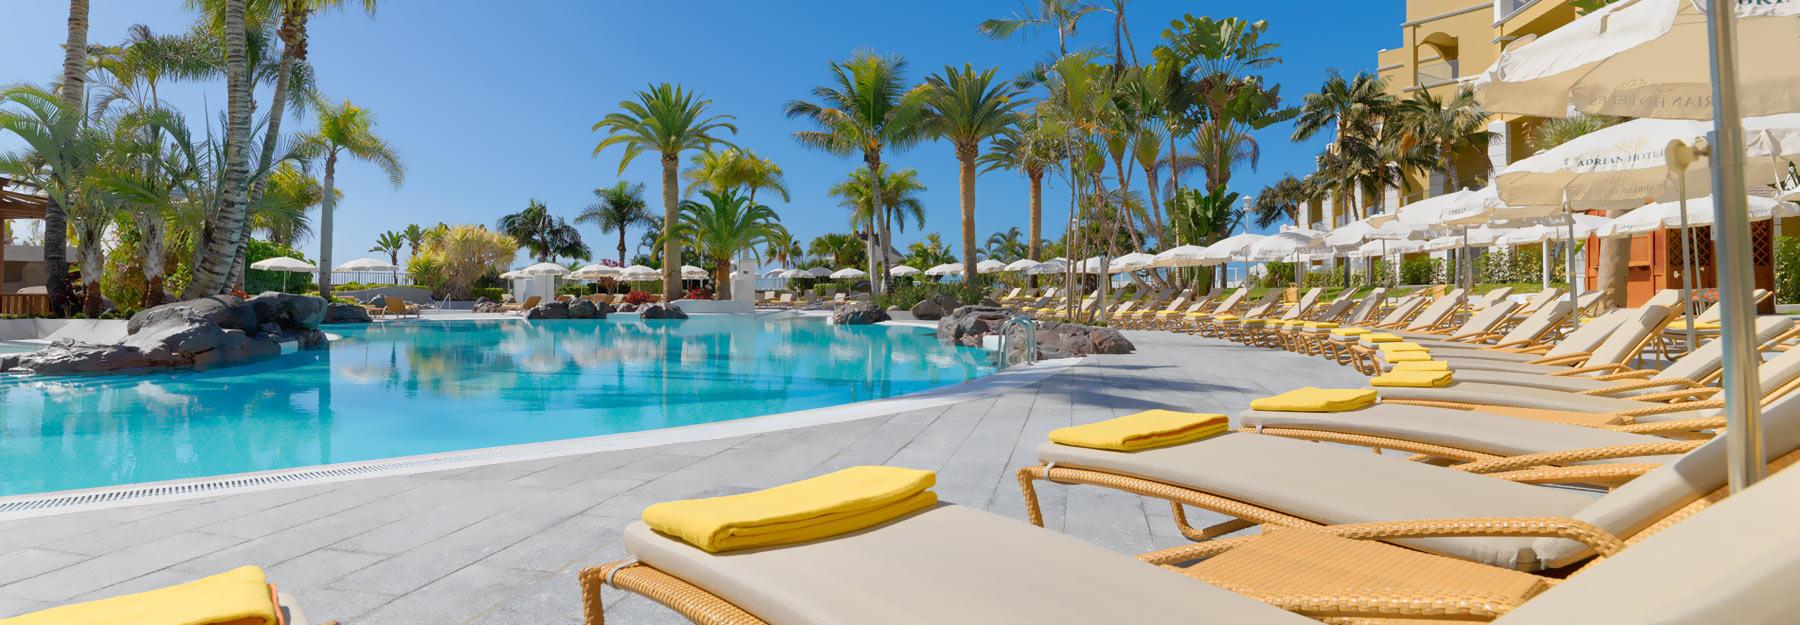 Jardines de nivaria adrian hotels costa adeje for Adrian hoteles jardin de nivaria tenerife